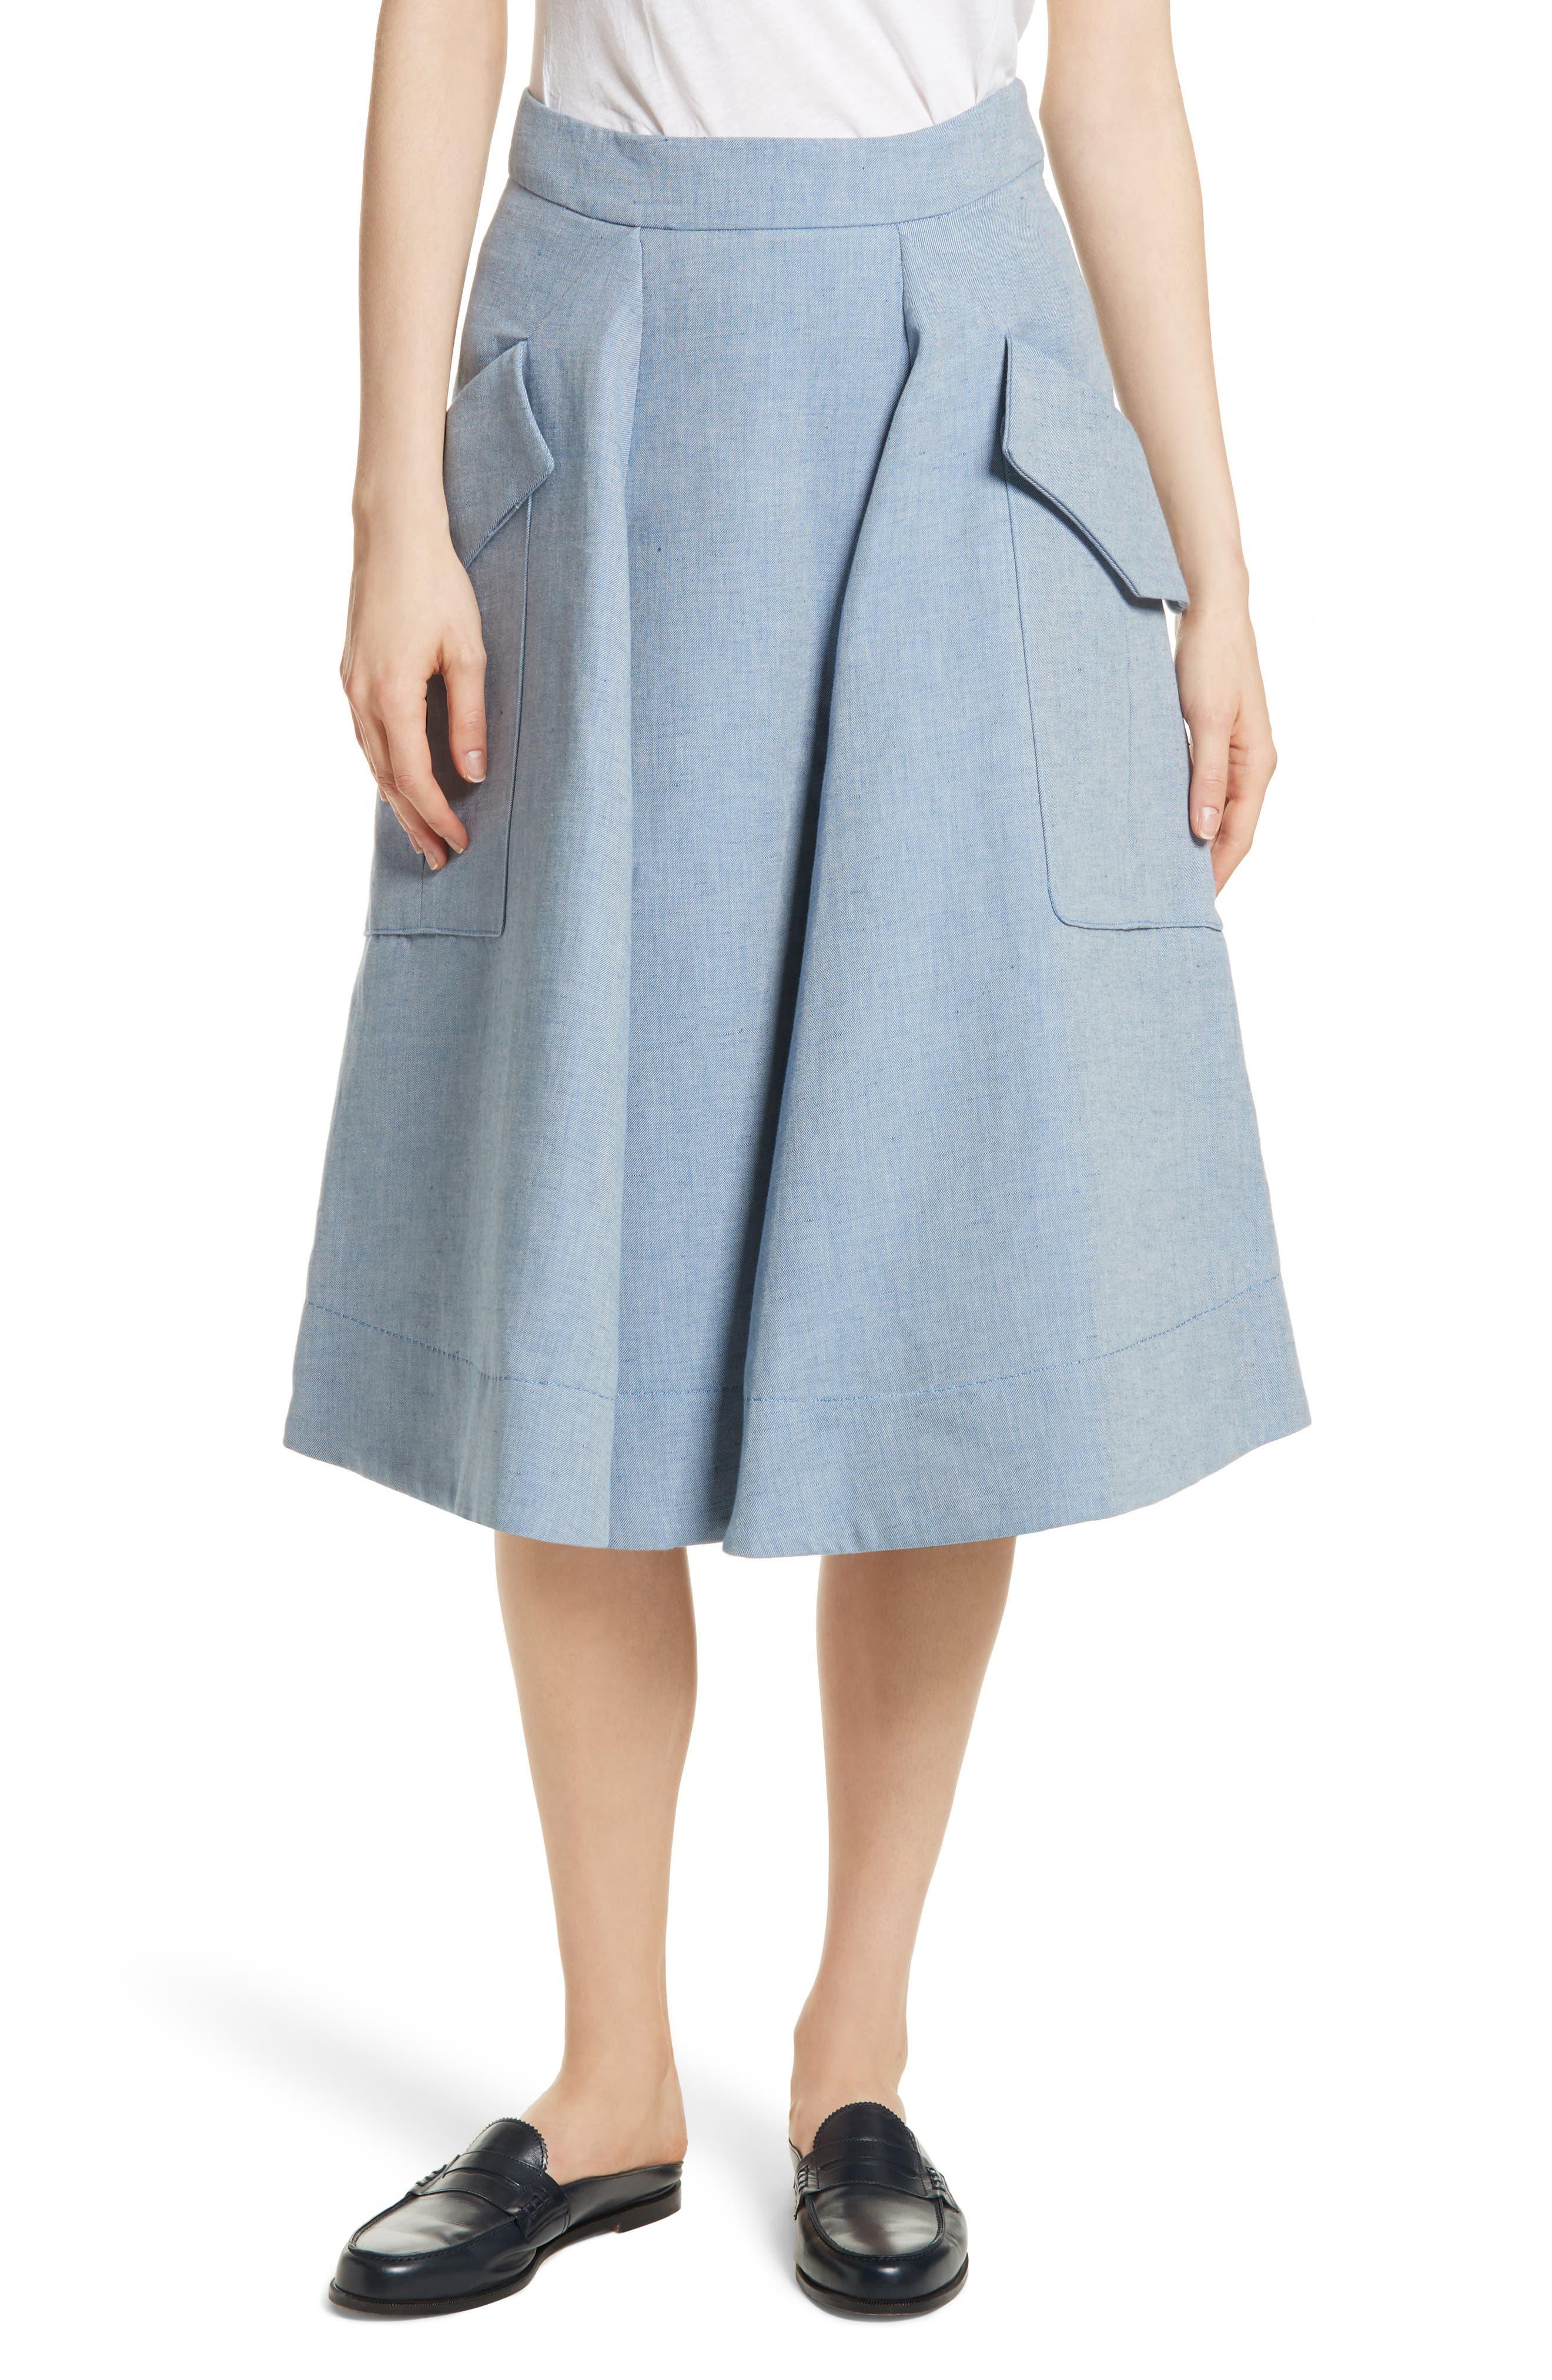 Carven Jupe Genou Skirt